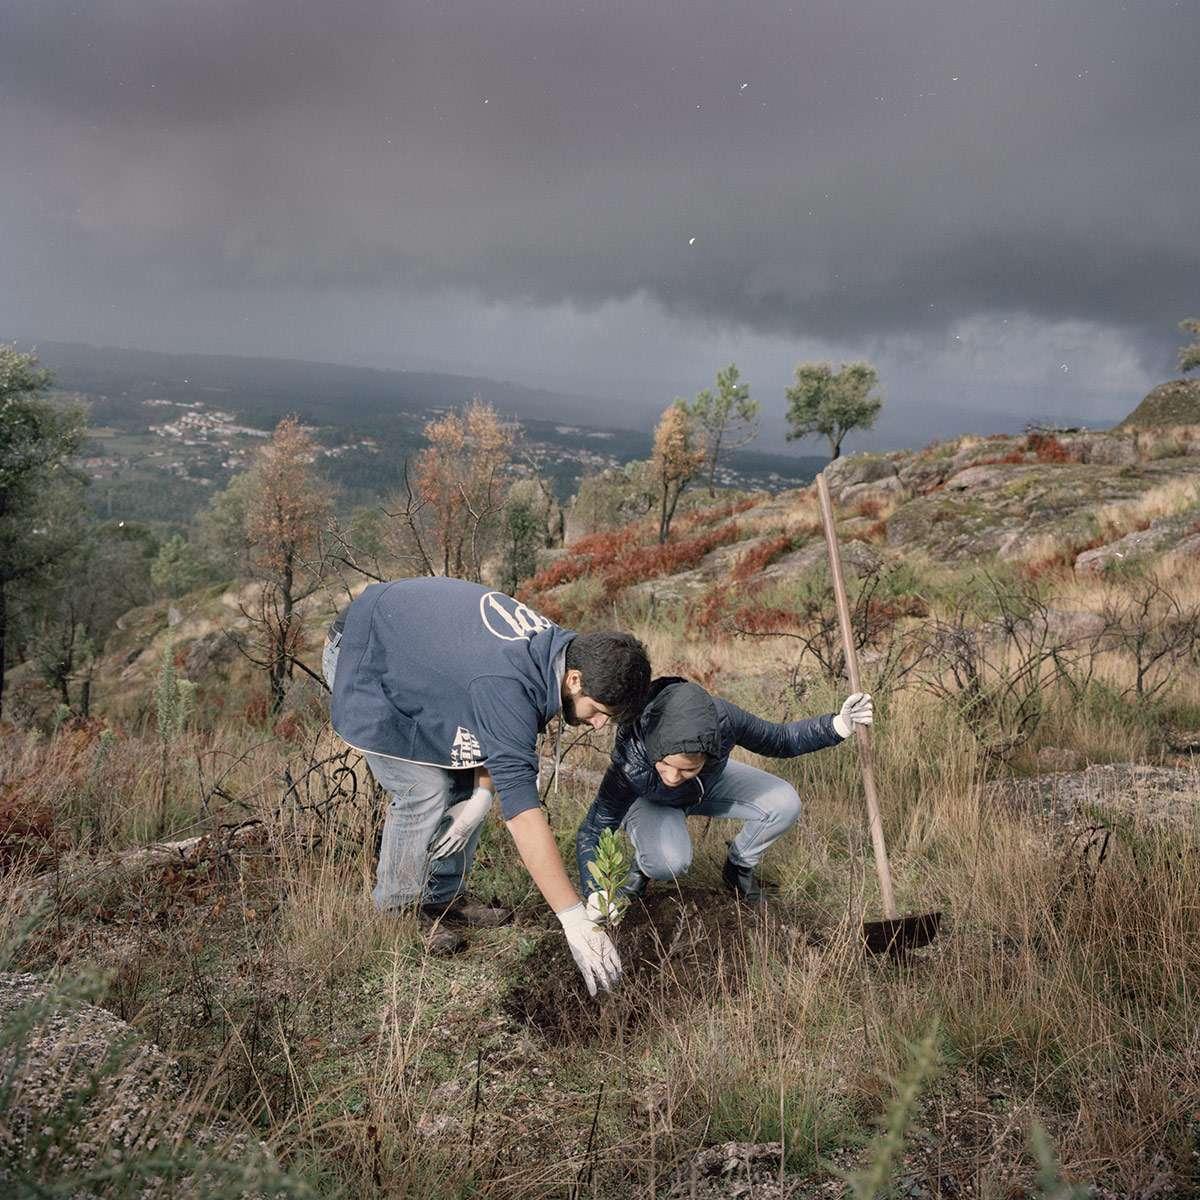 Plans en pépinières en vue de la reforestation au Portugal avec l'association Futuro et la Fondation Yves Rocher. Un reportage photographique Juan Manuel Castro Prieto